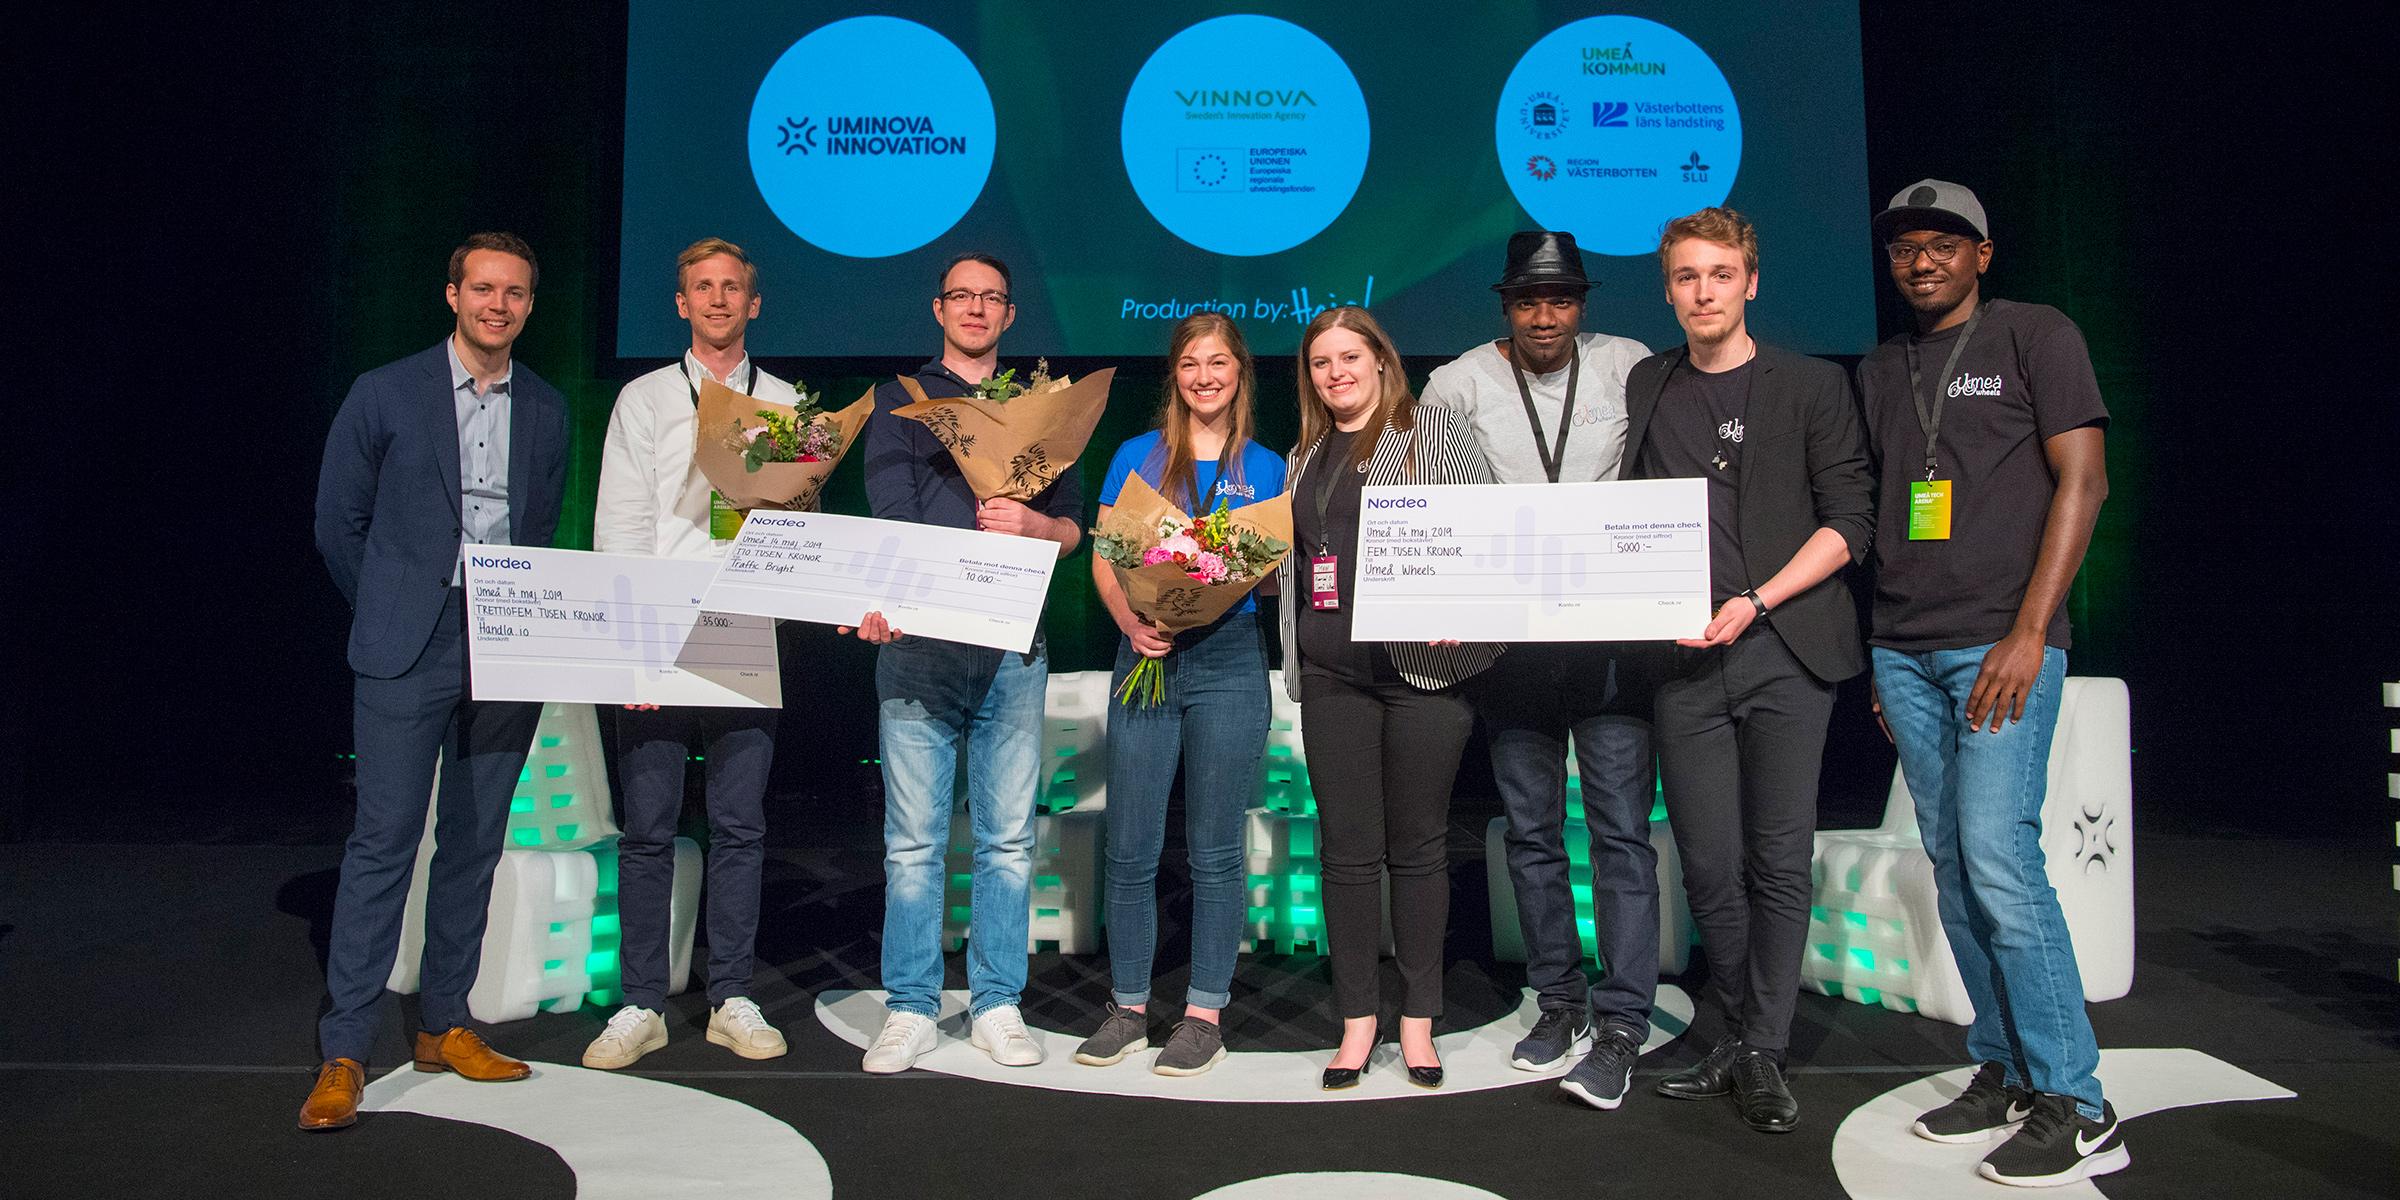 Alla tre finalistbolagen från Startupprogrammet. Från vänster Victor Ericson, Nordea, Tommy Ericson, Handla, Johan Rautio, Traffic Bright, samt Umeå Wheels med Aamer Barood, Alexander Pinet-Eve , Isabella Larsson, Megi Ibi.